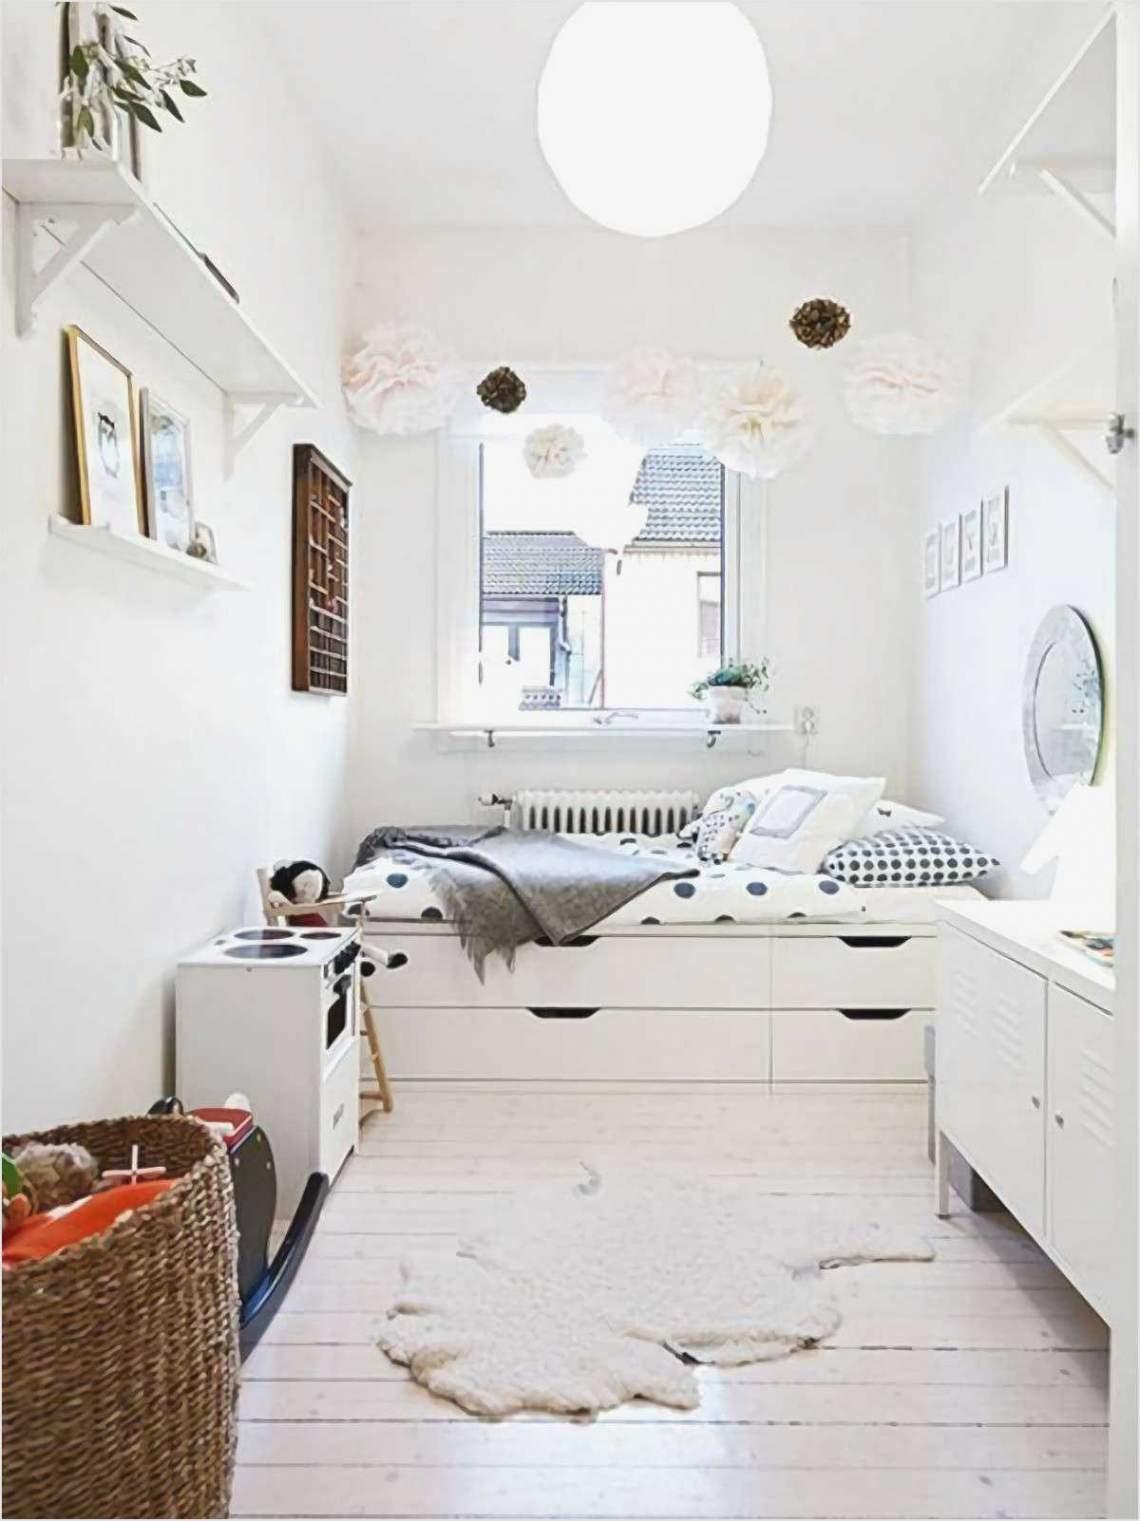 54 grose otto mobel kommode dachschragen dekorieren womit dachschragen dekorieren womit